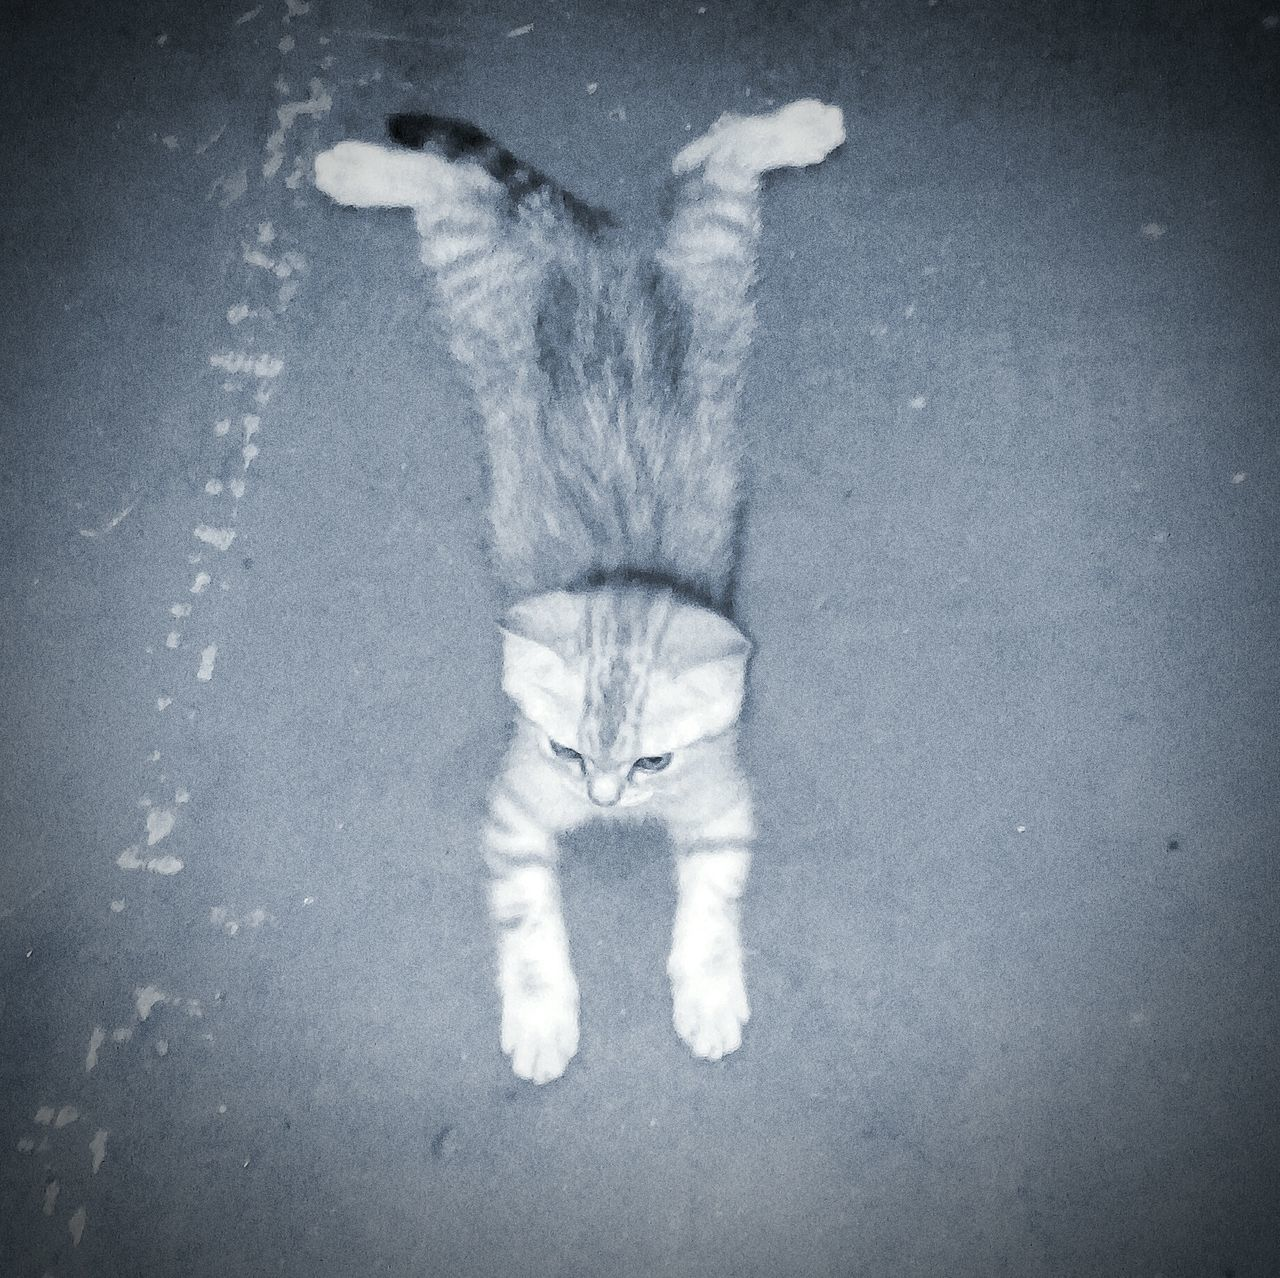 My cat Котэ 😻 . котик_развалилсяся Котик Санёк